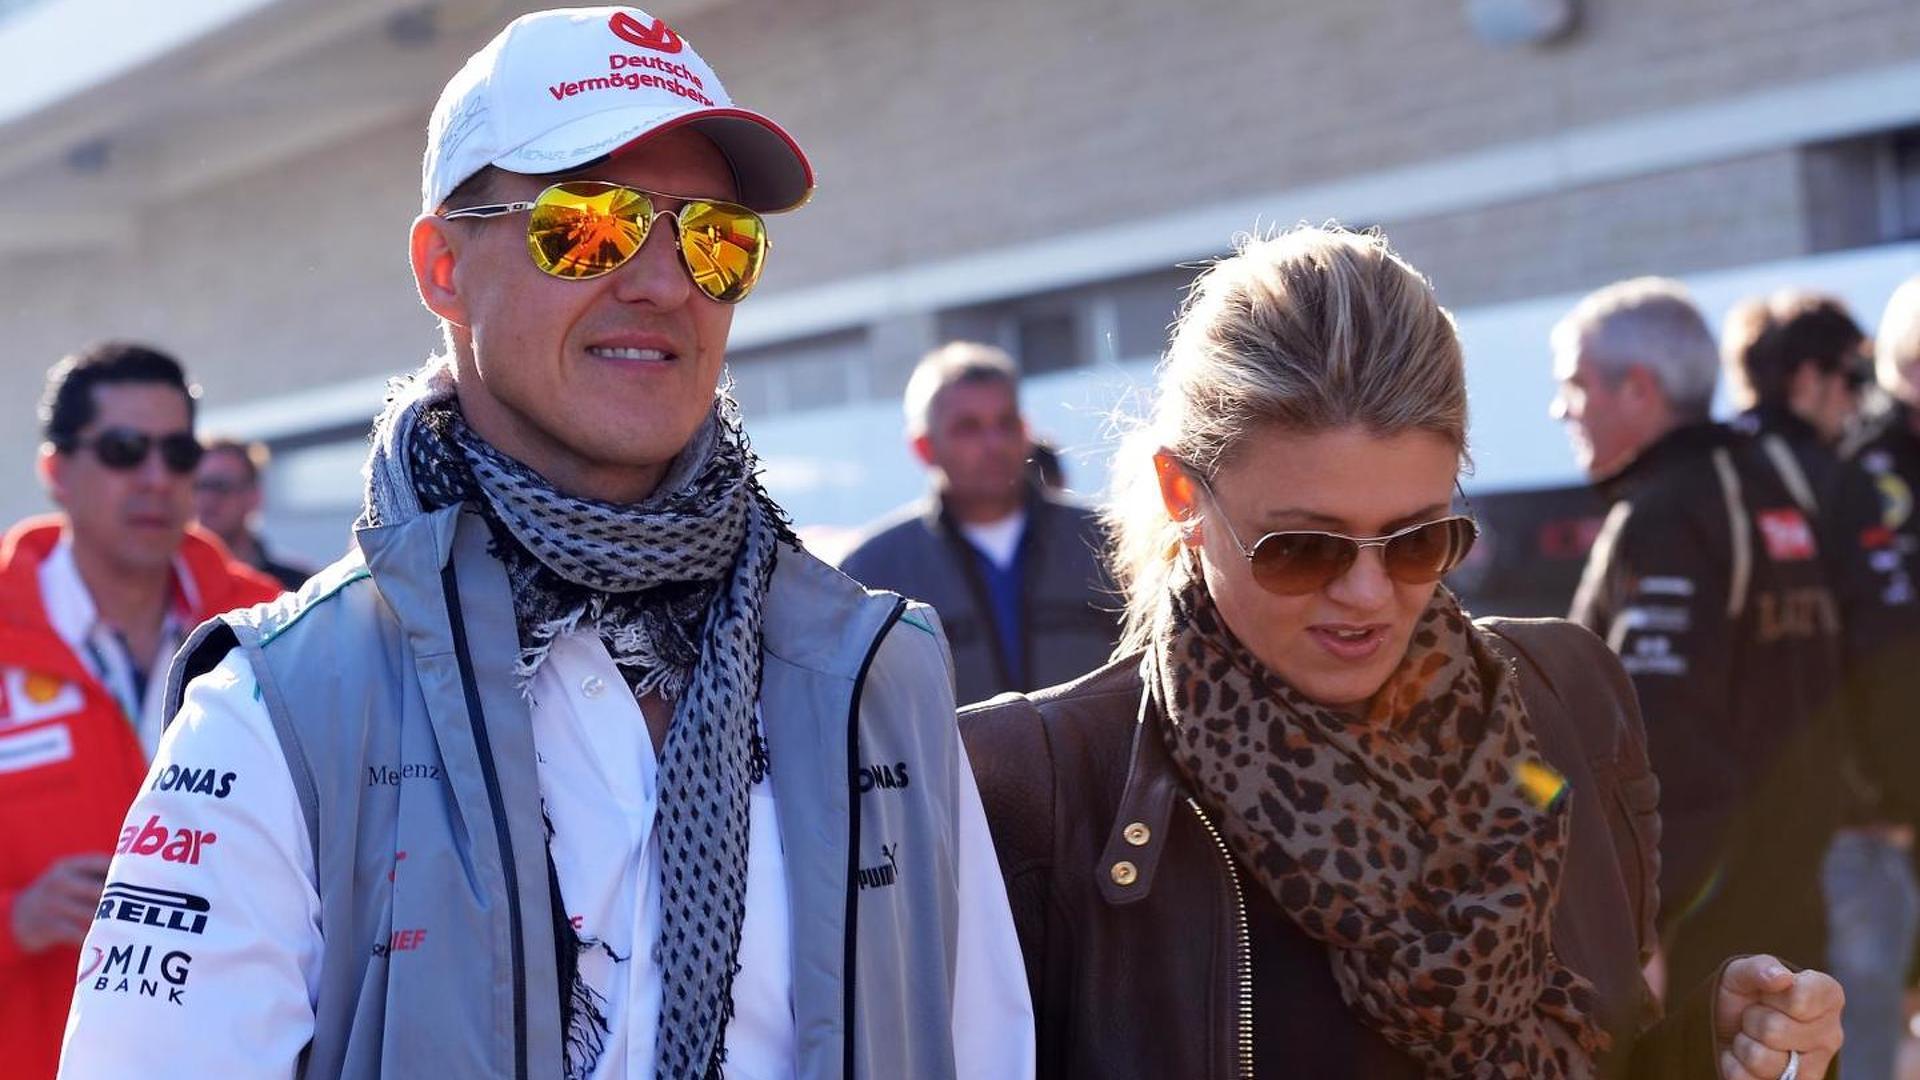 Schumacher still in waking process - manager